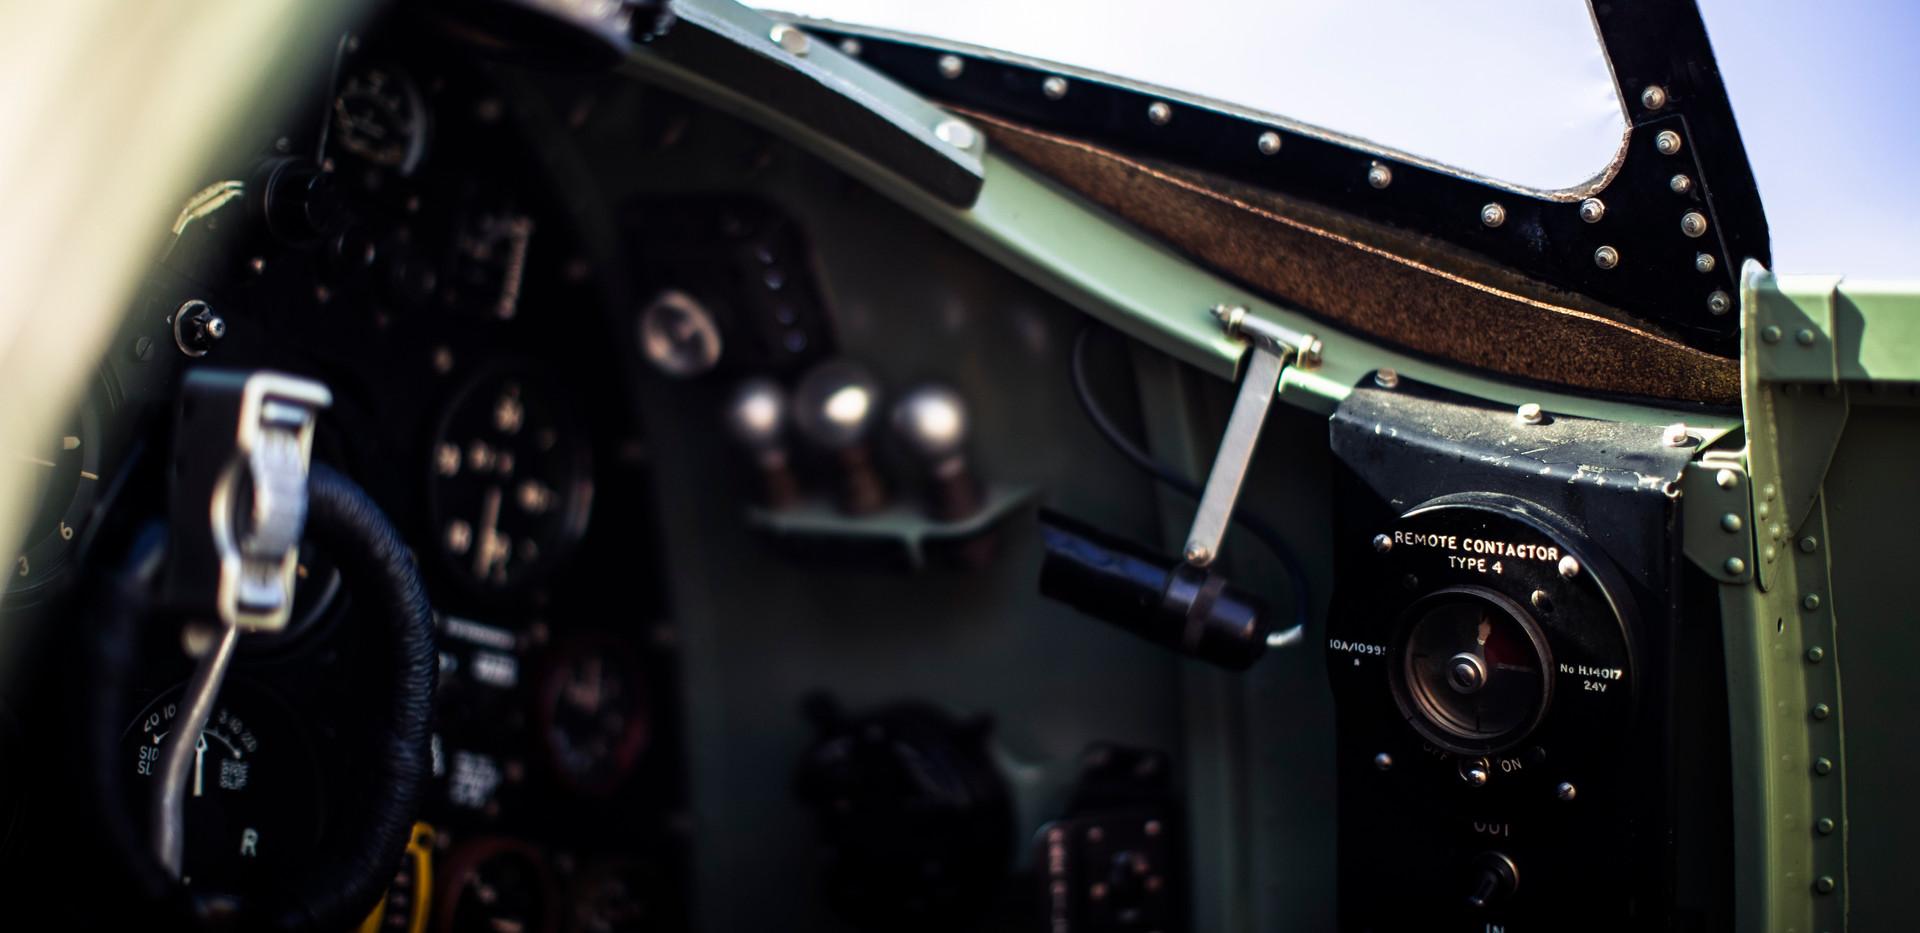 0713_DG_Mustang_Spitfire.jpg